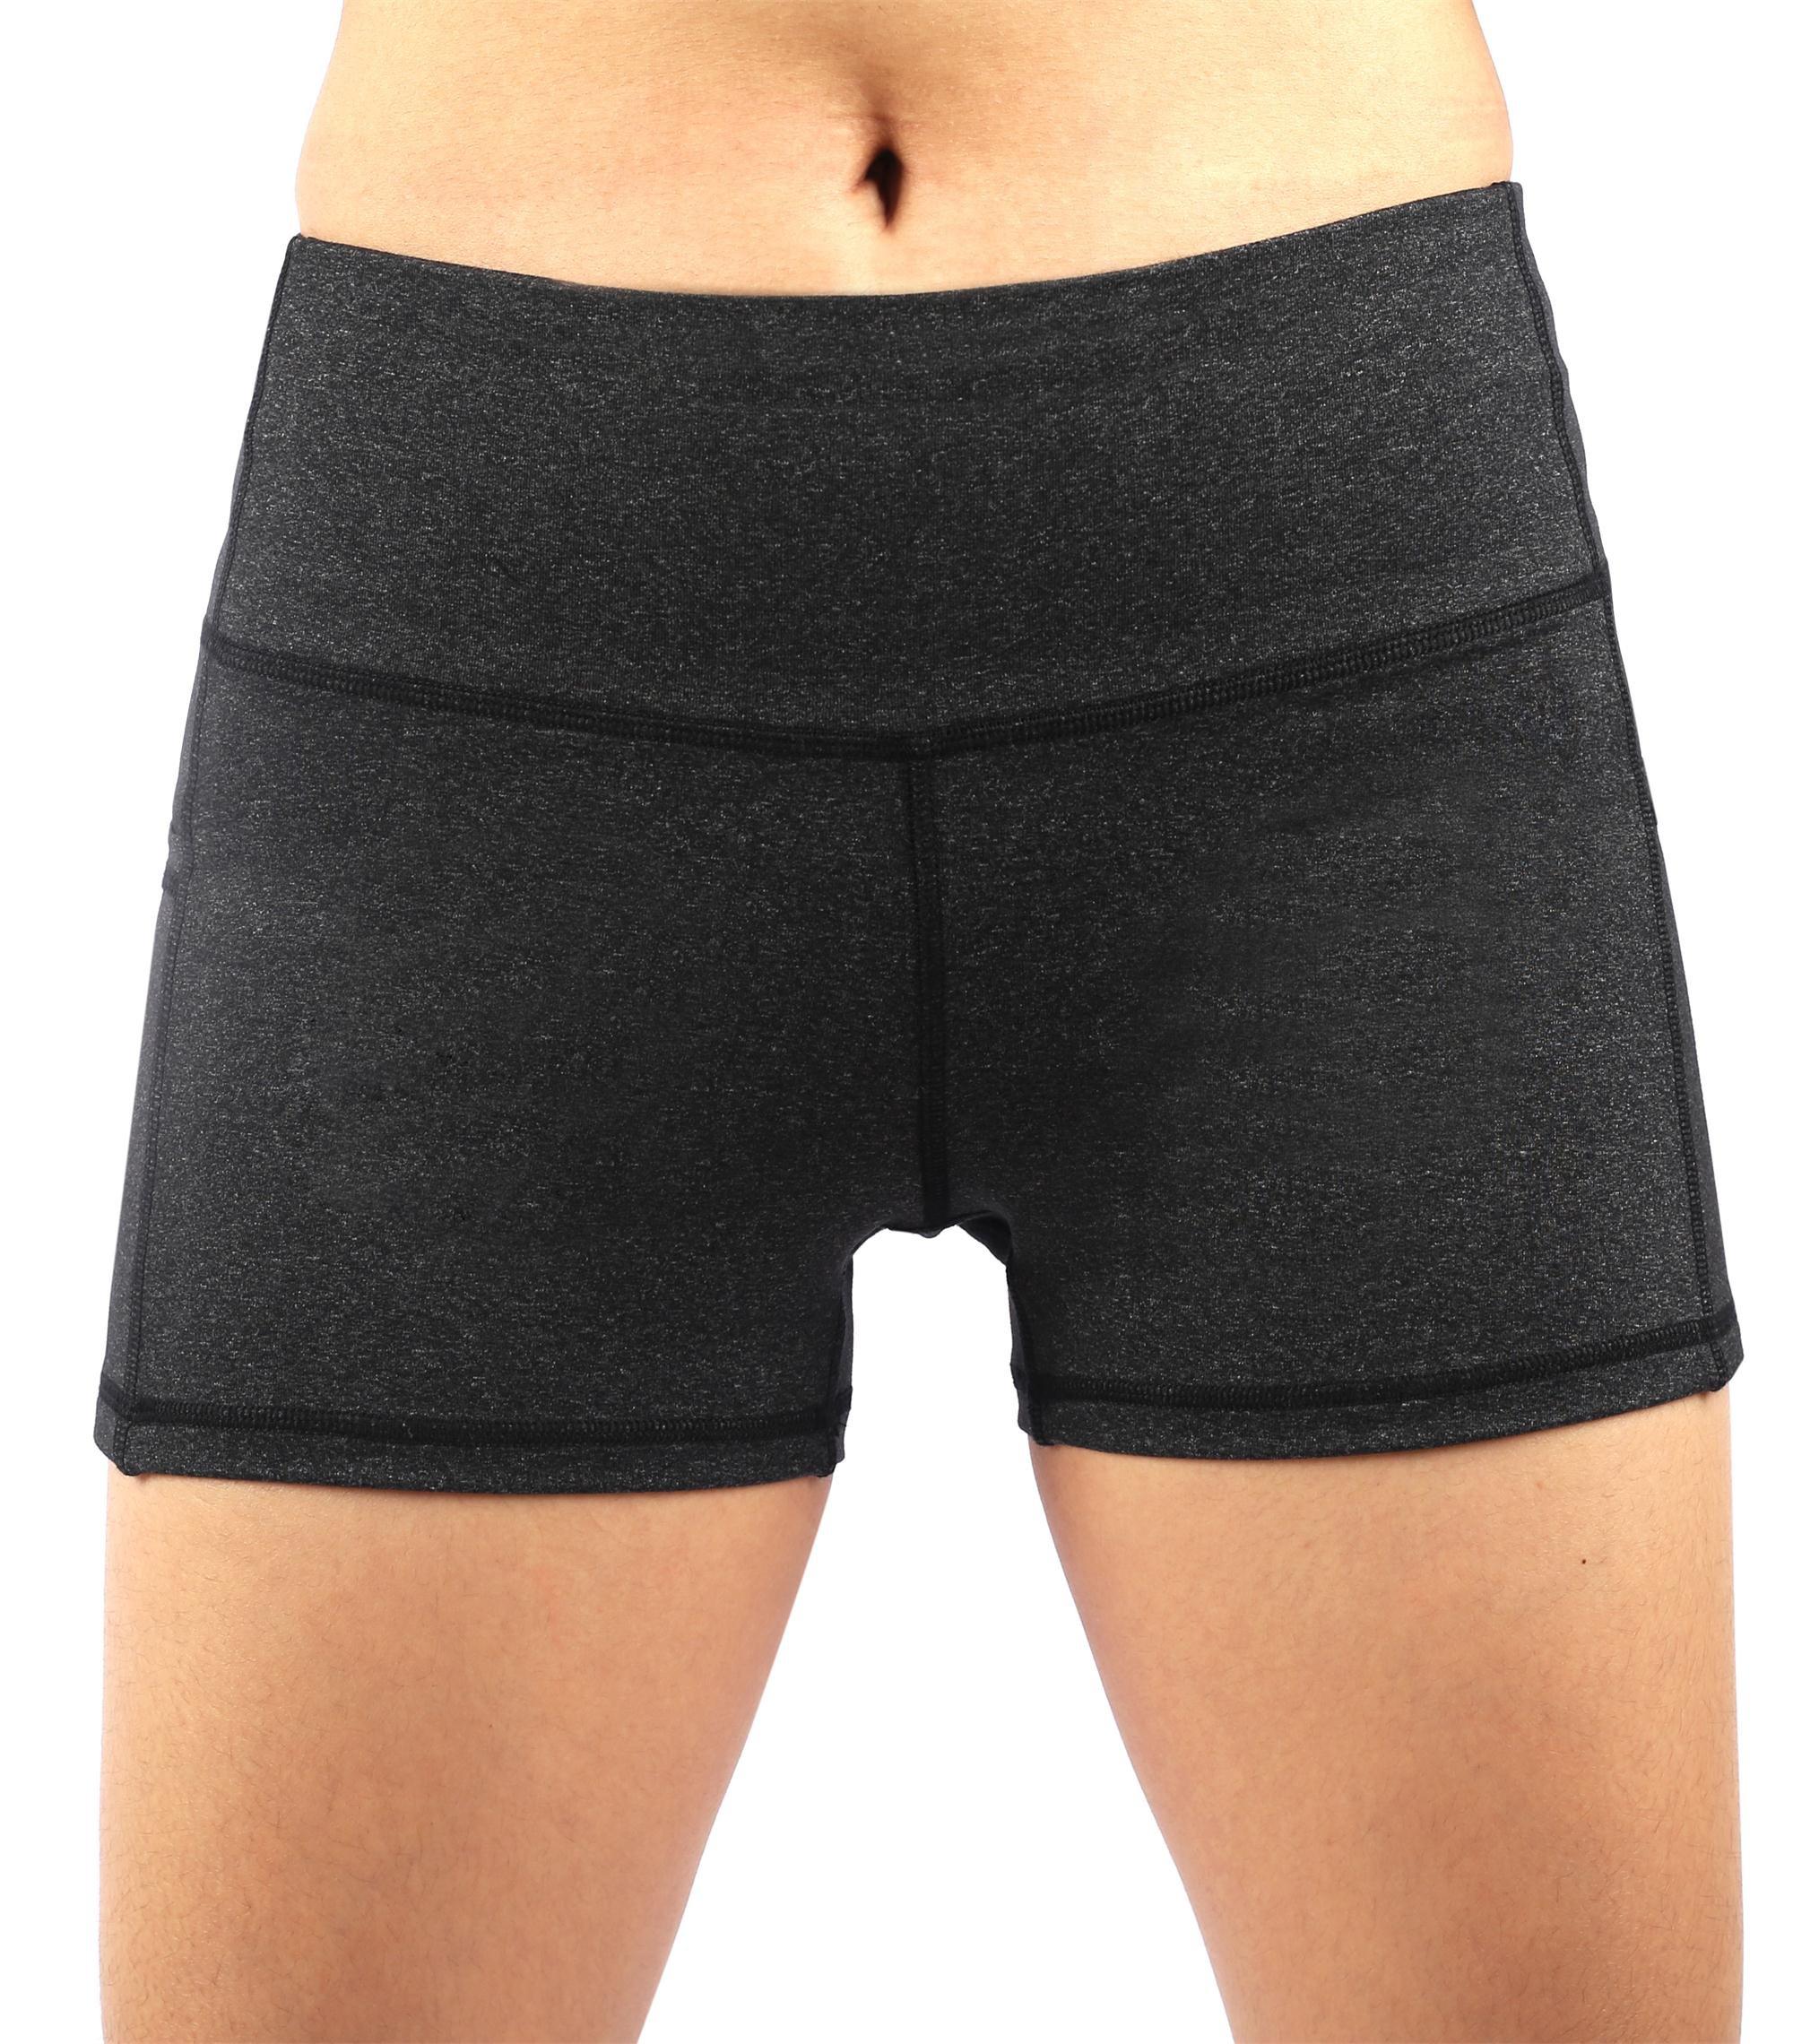 Picotee Women\'s Yoga Shorts Workout Running Shorts Yoga Short Pants Tights With Pocket (XL,Deep Grey)